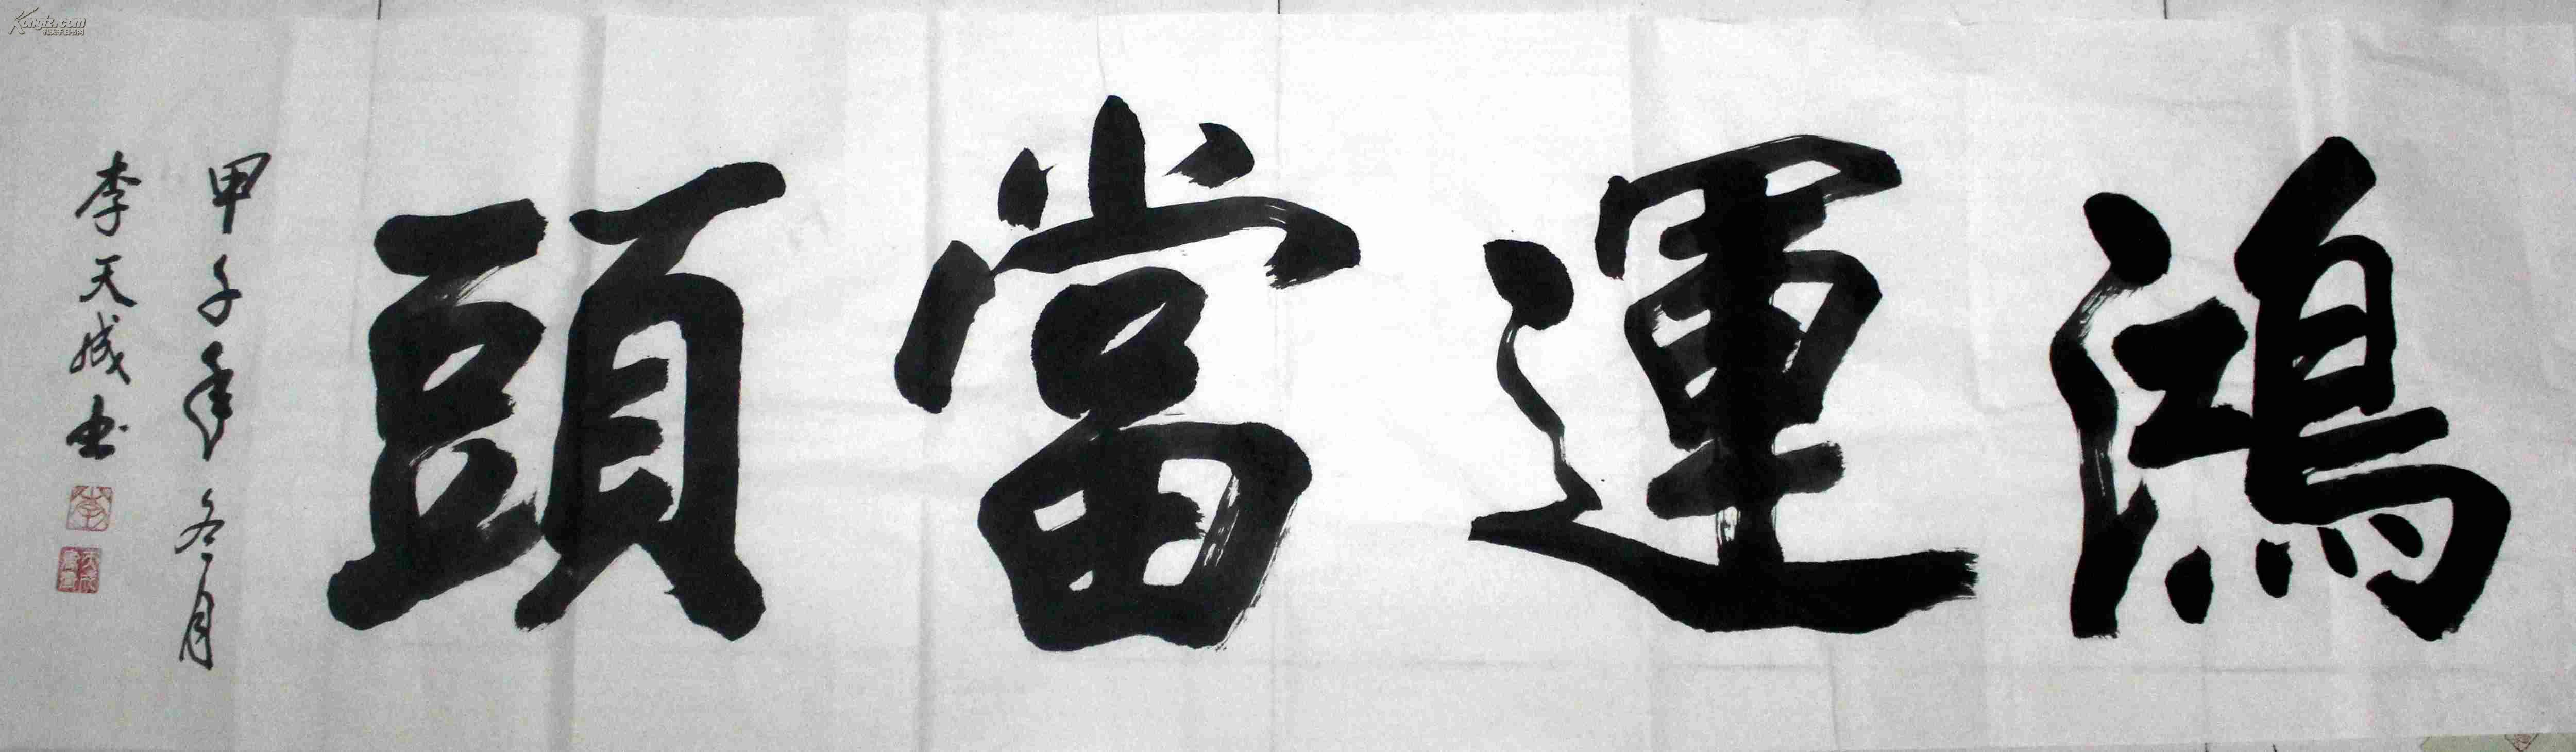 缩小 详细描述: 李天成:1936年出生于河南省周口市,中国书画家协会图片